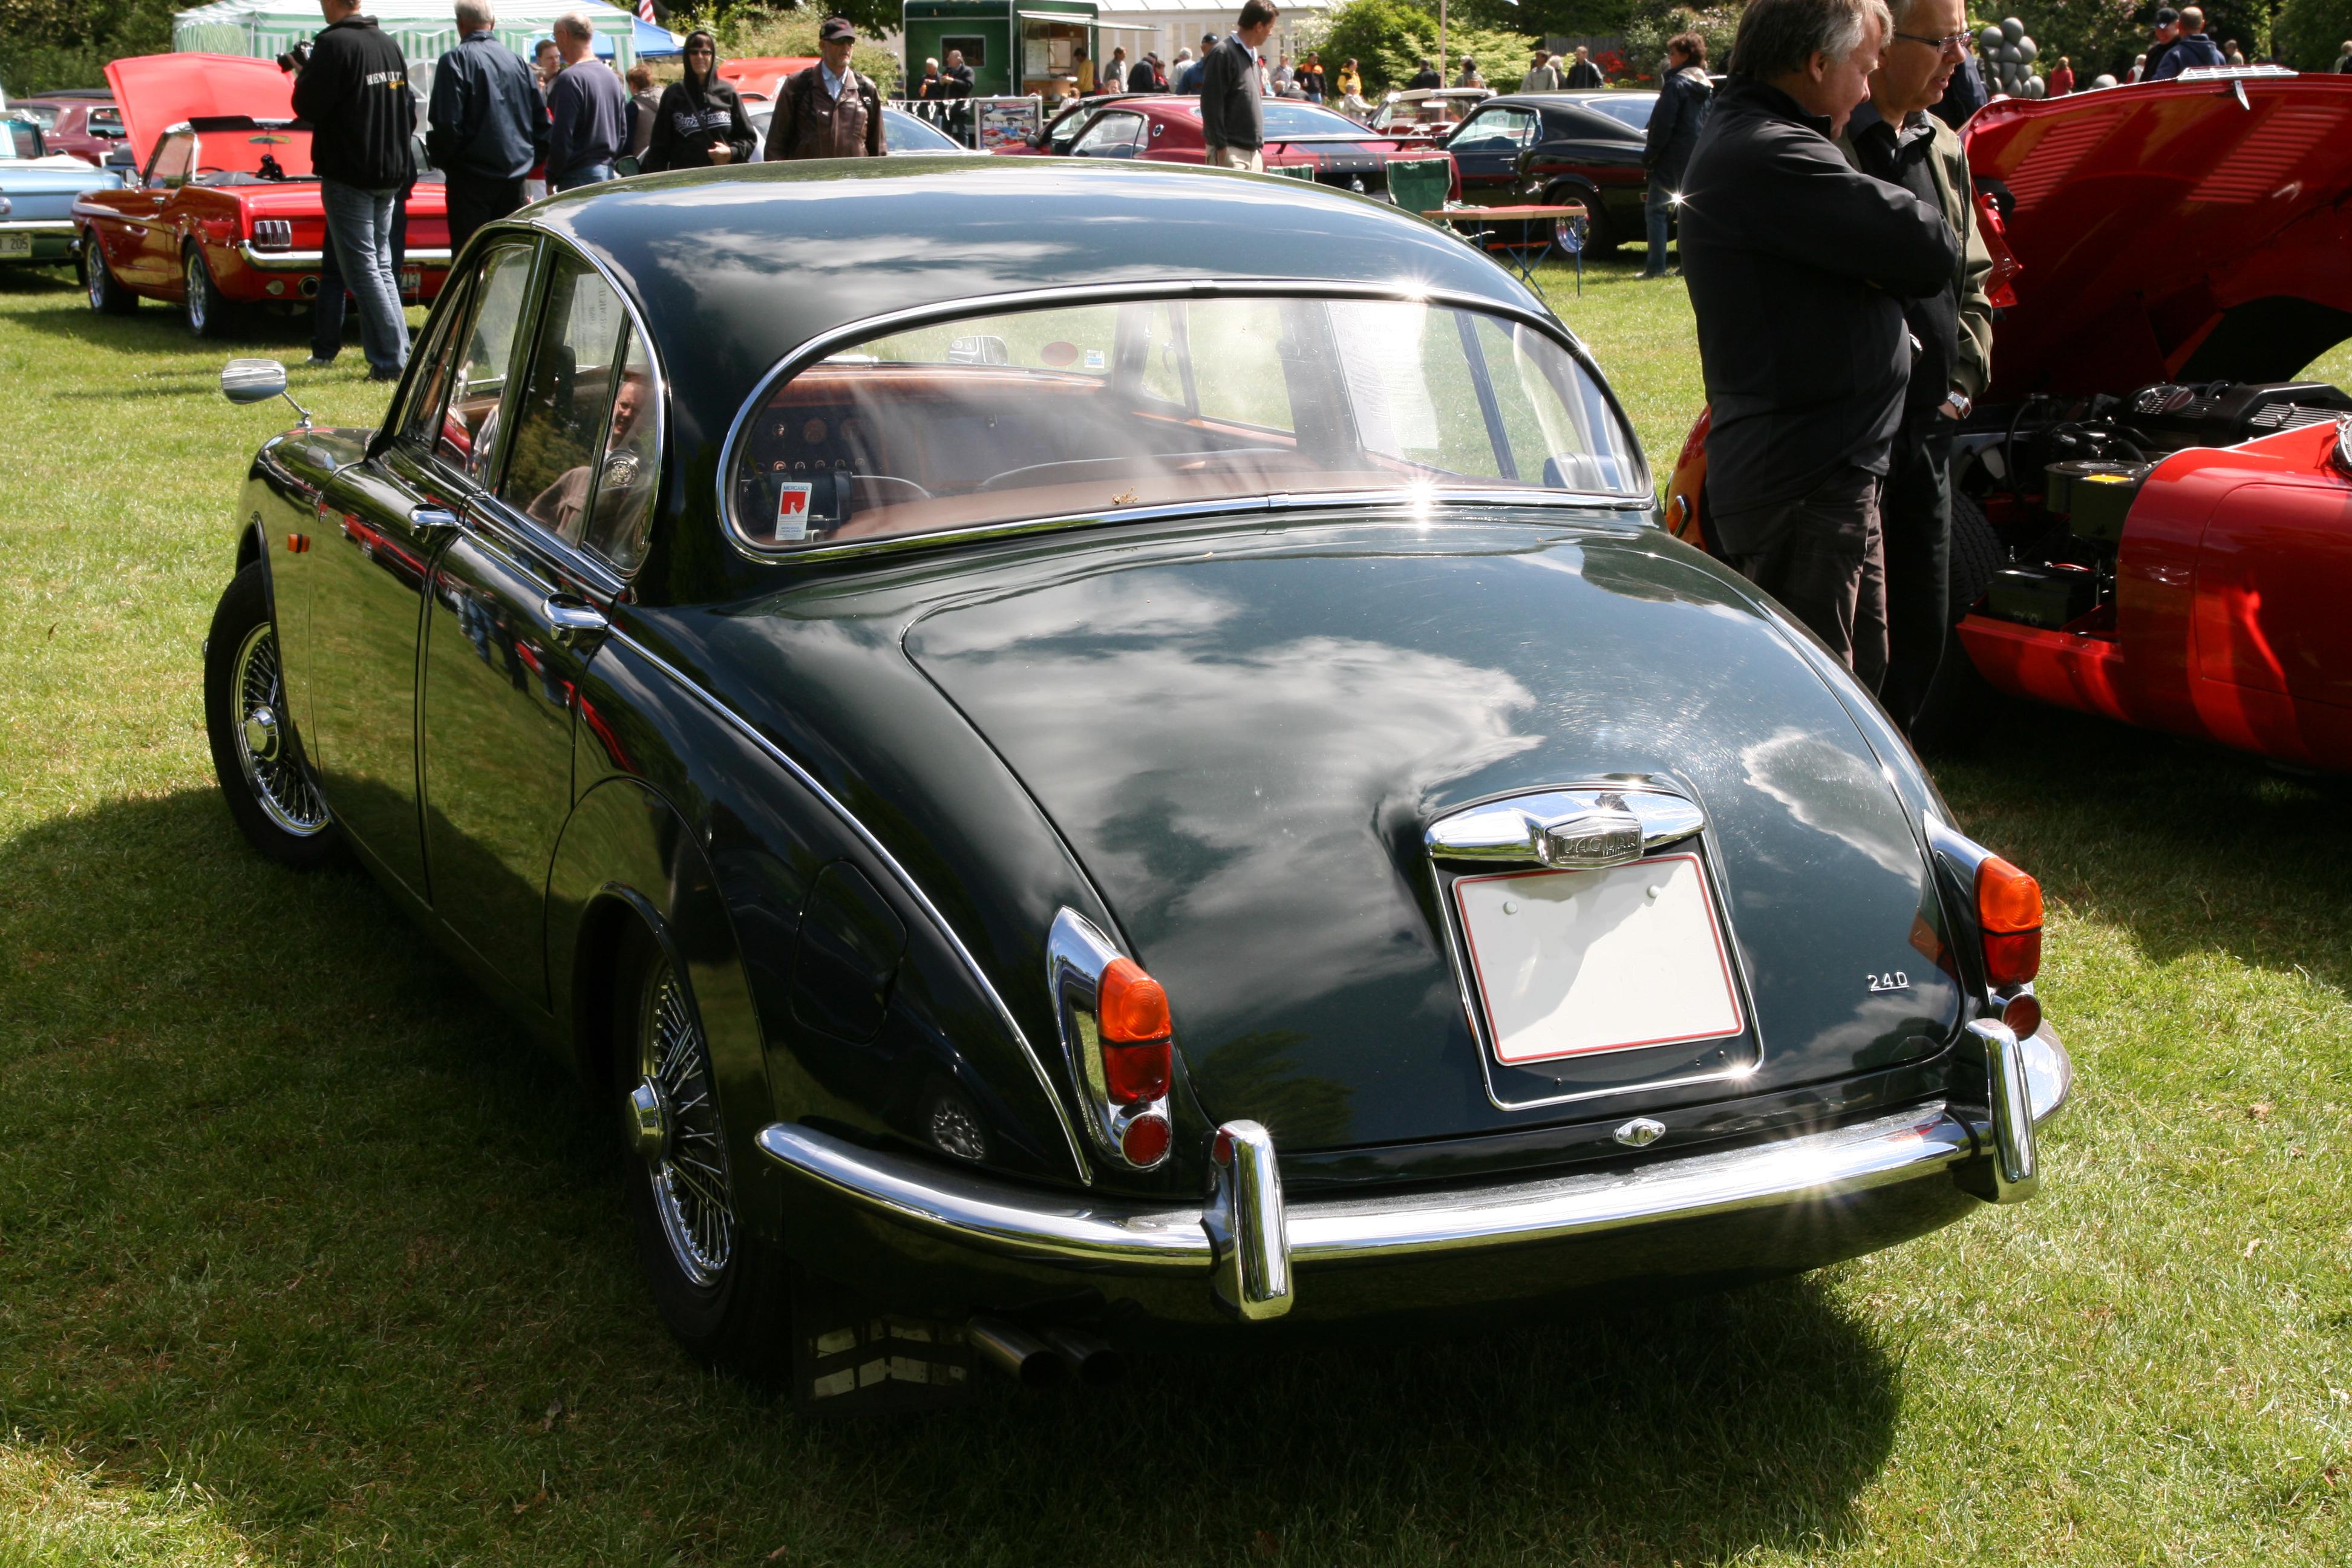 File:Jaguar 240 Mark II (1968) rear.jpg - Wikimedia Commons